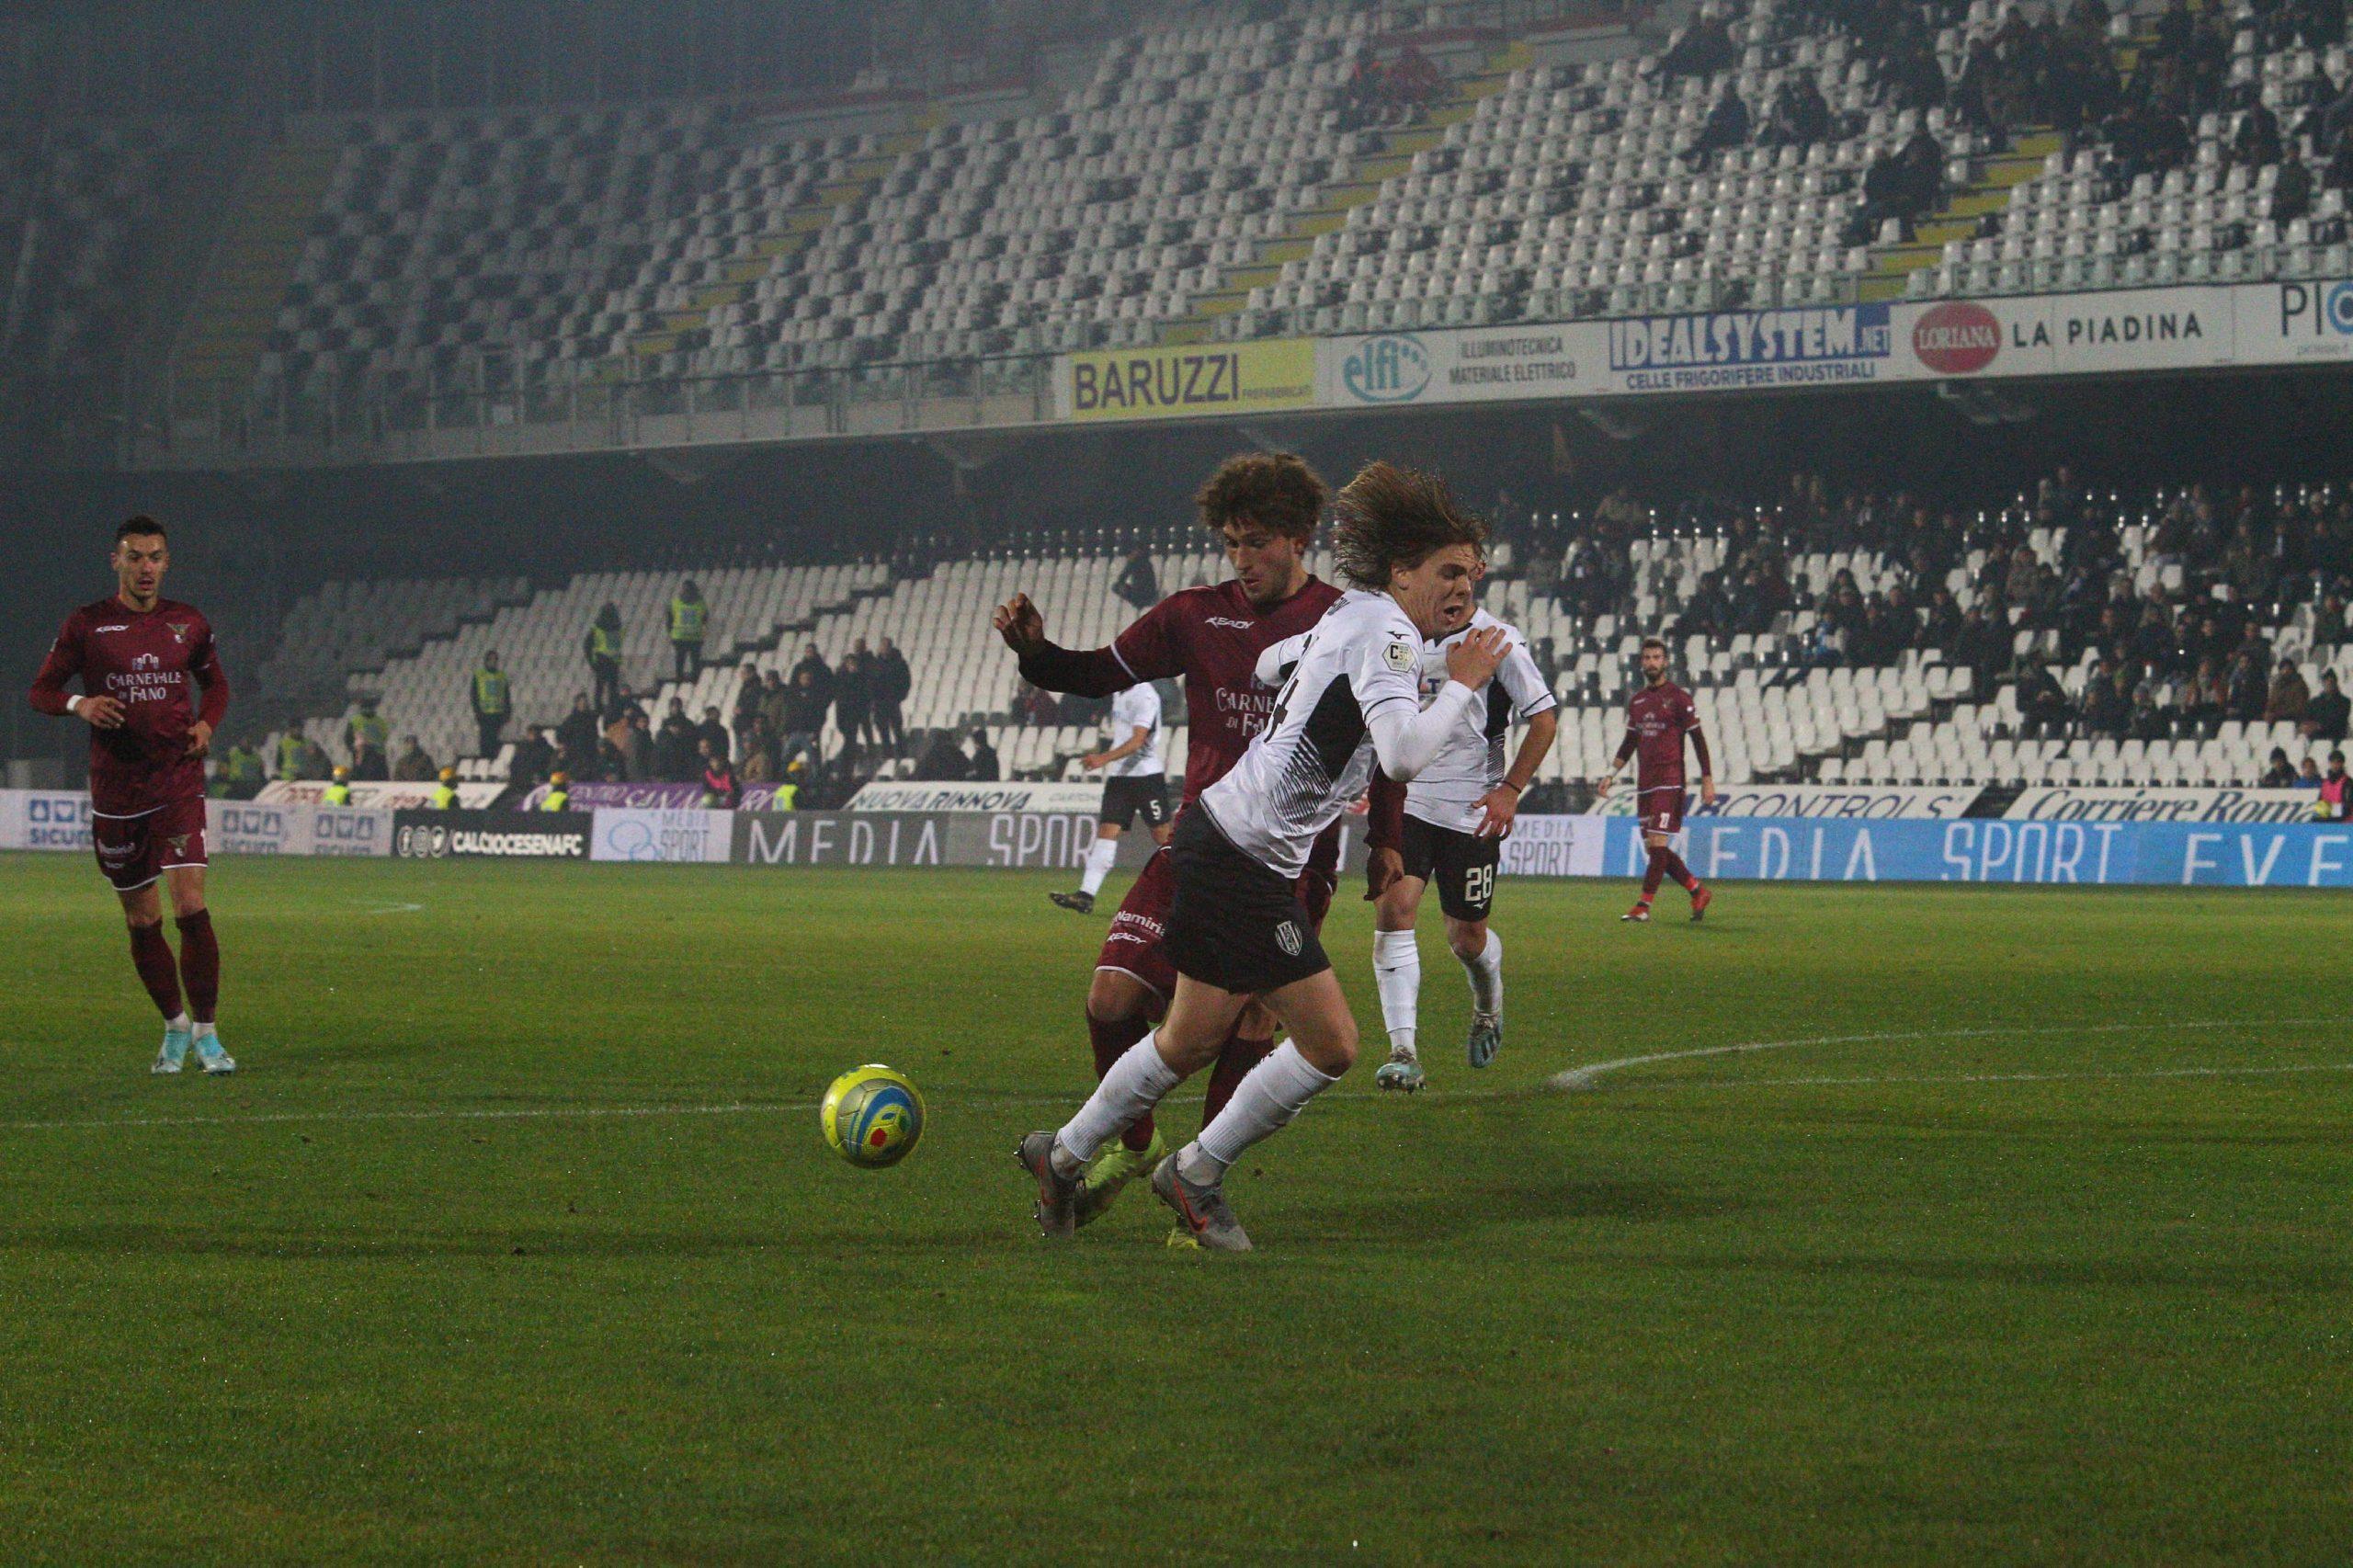 Calcio, per Arzignano-Cesena il settore ospiti costa 15 euro